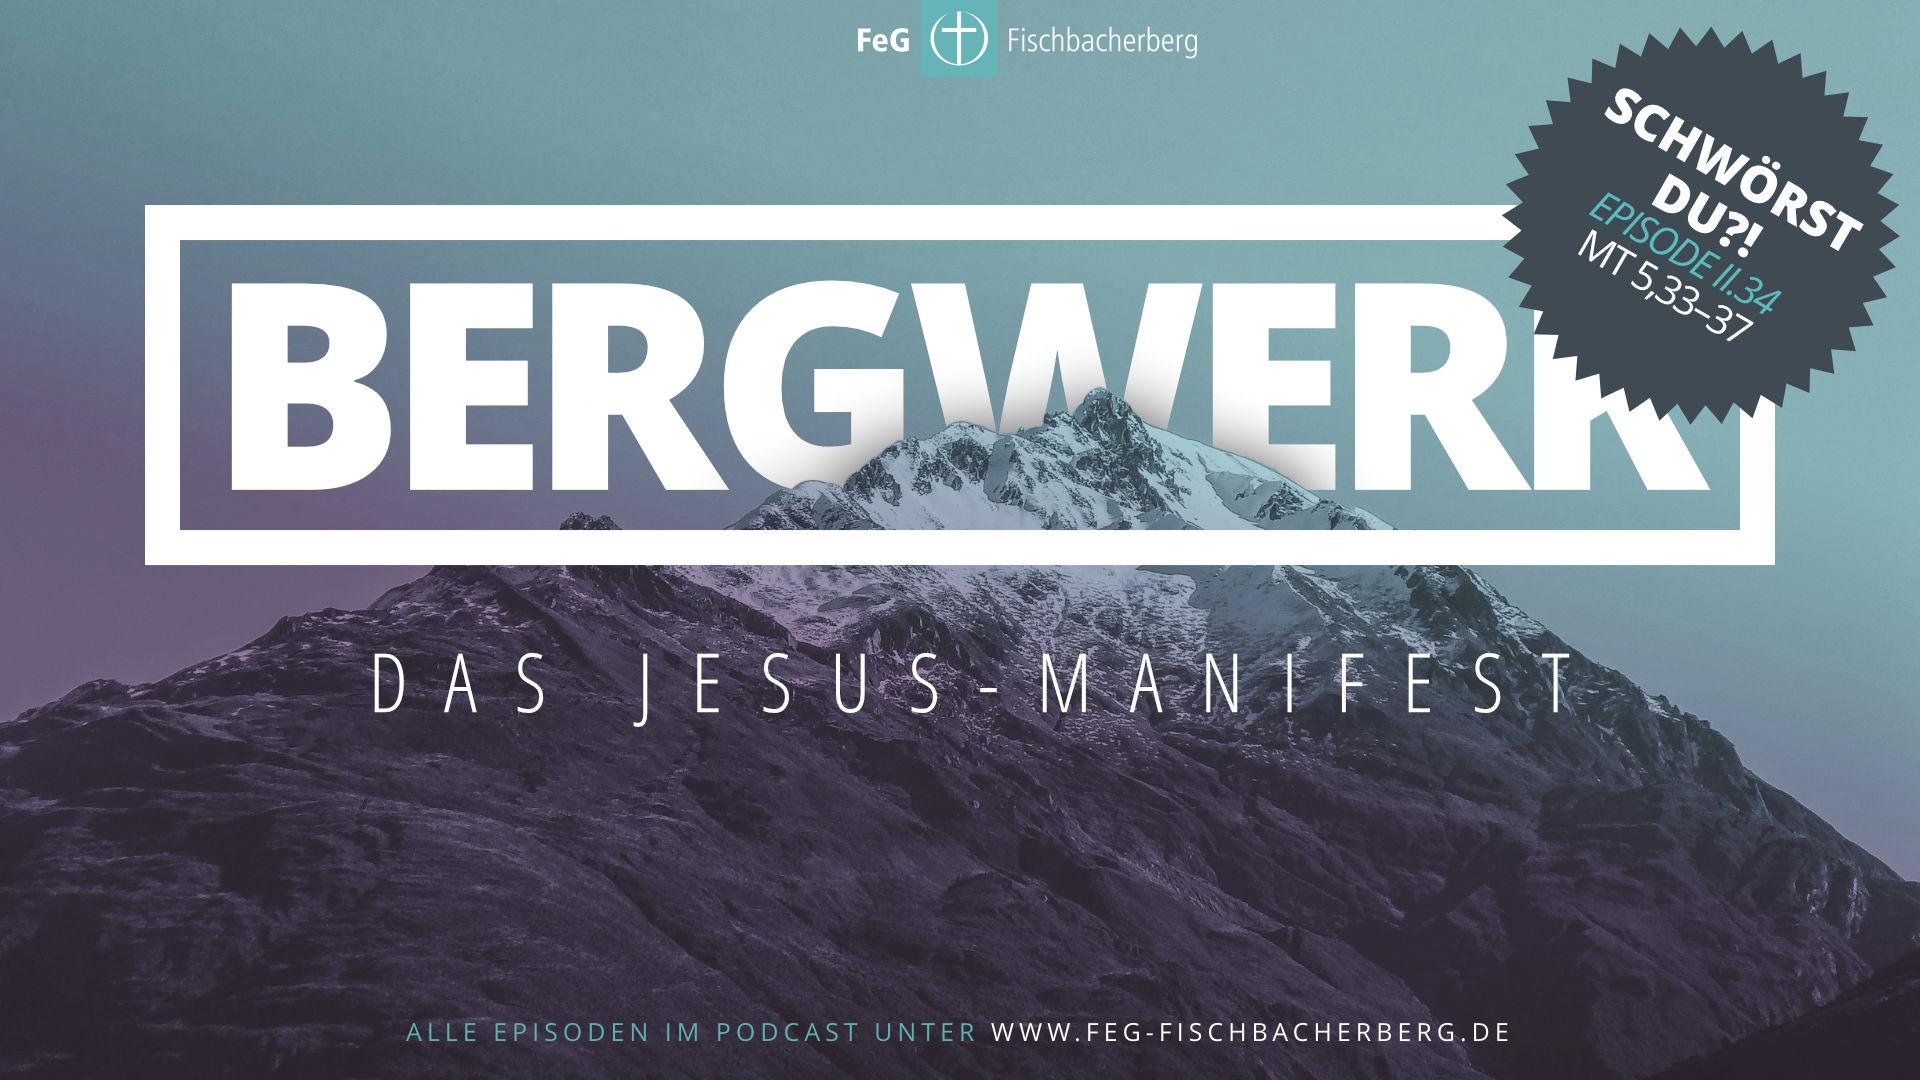 Schwörst du! (BERGWERK II.4)